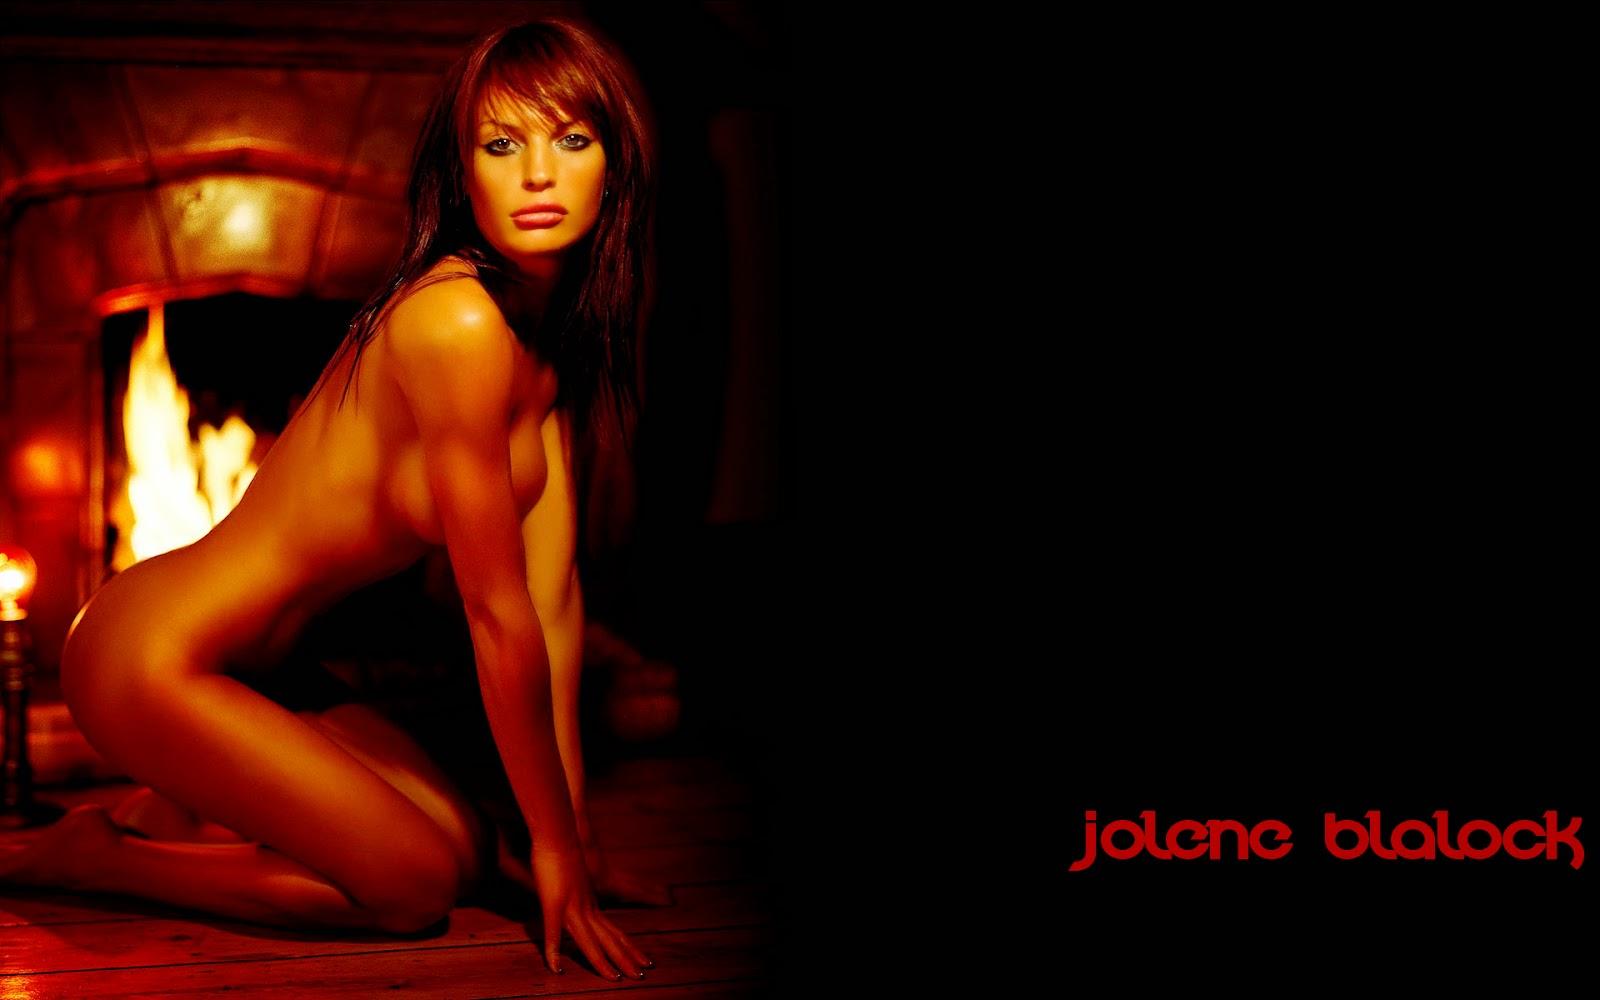 Jolene blalock naked and sex